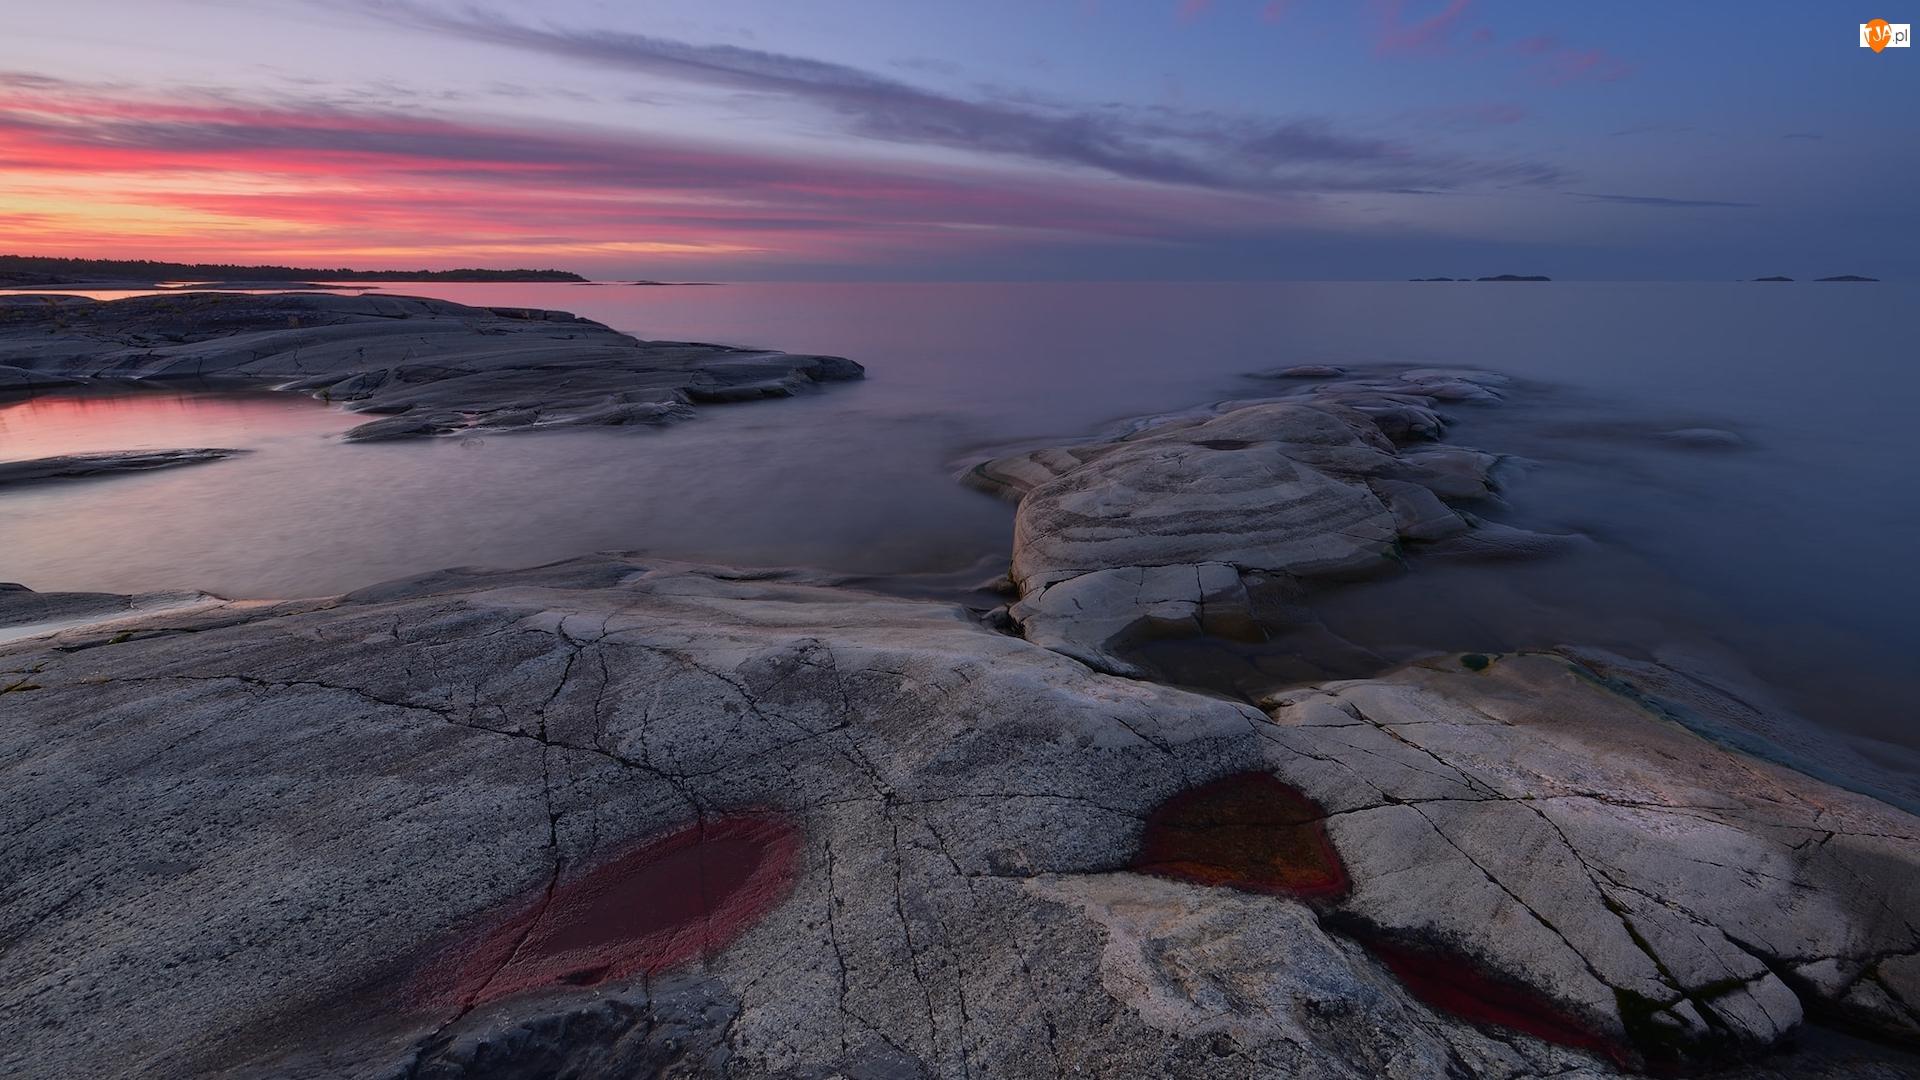 Karelia, Jezioro, Wschód słońca, Rosja, Chmury, Skały, Ładoga